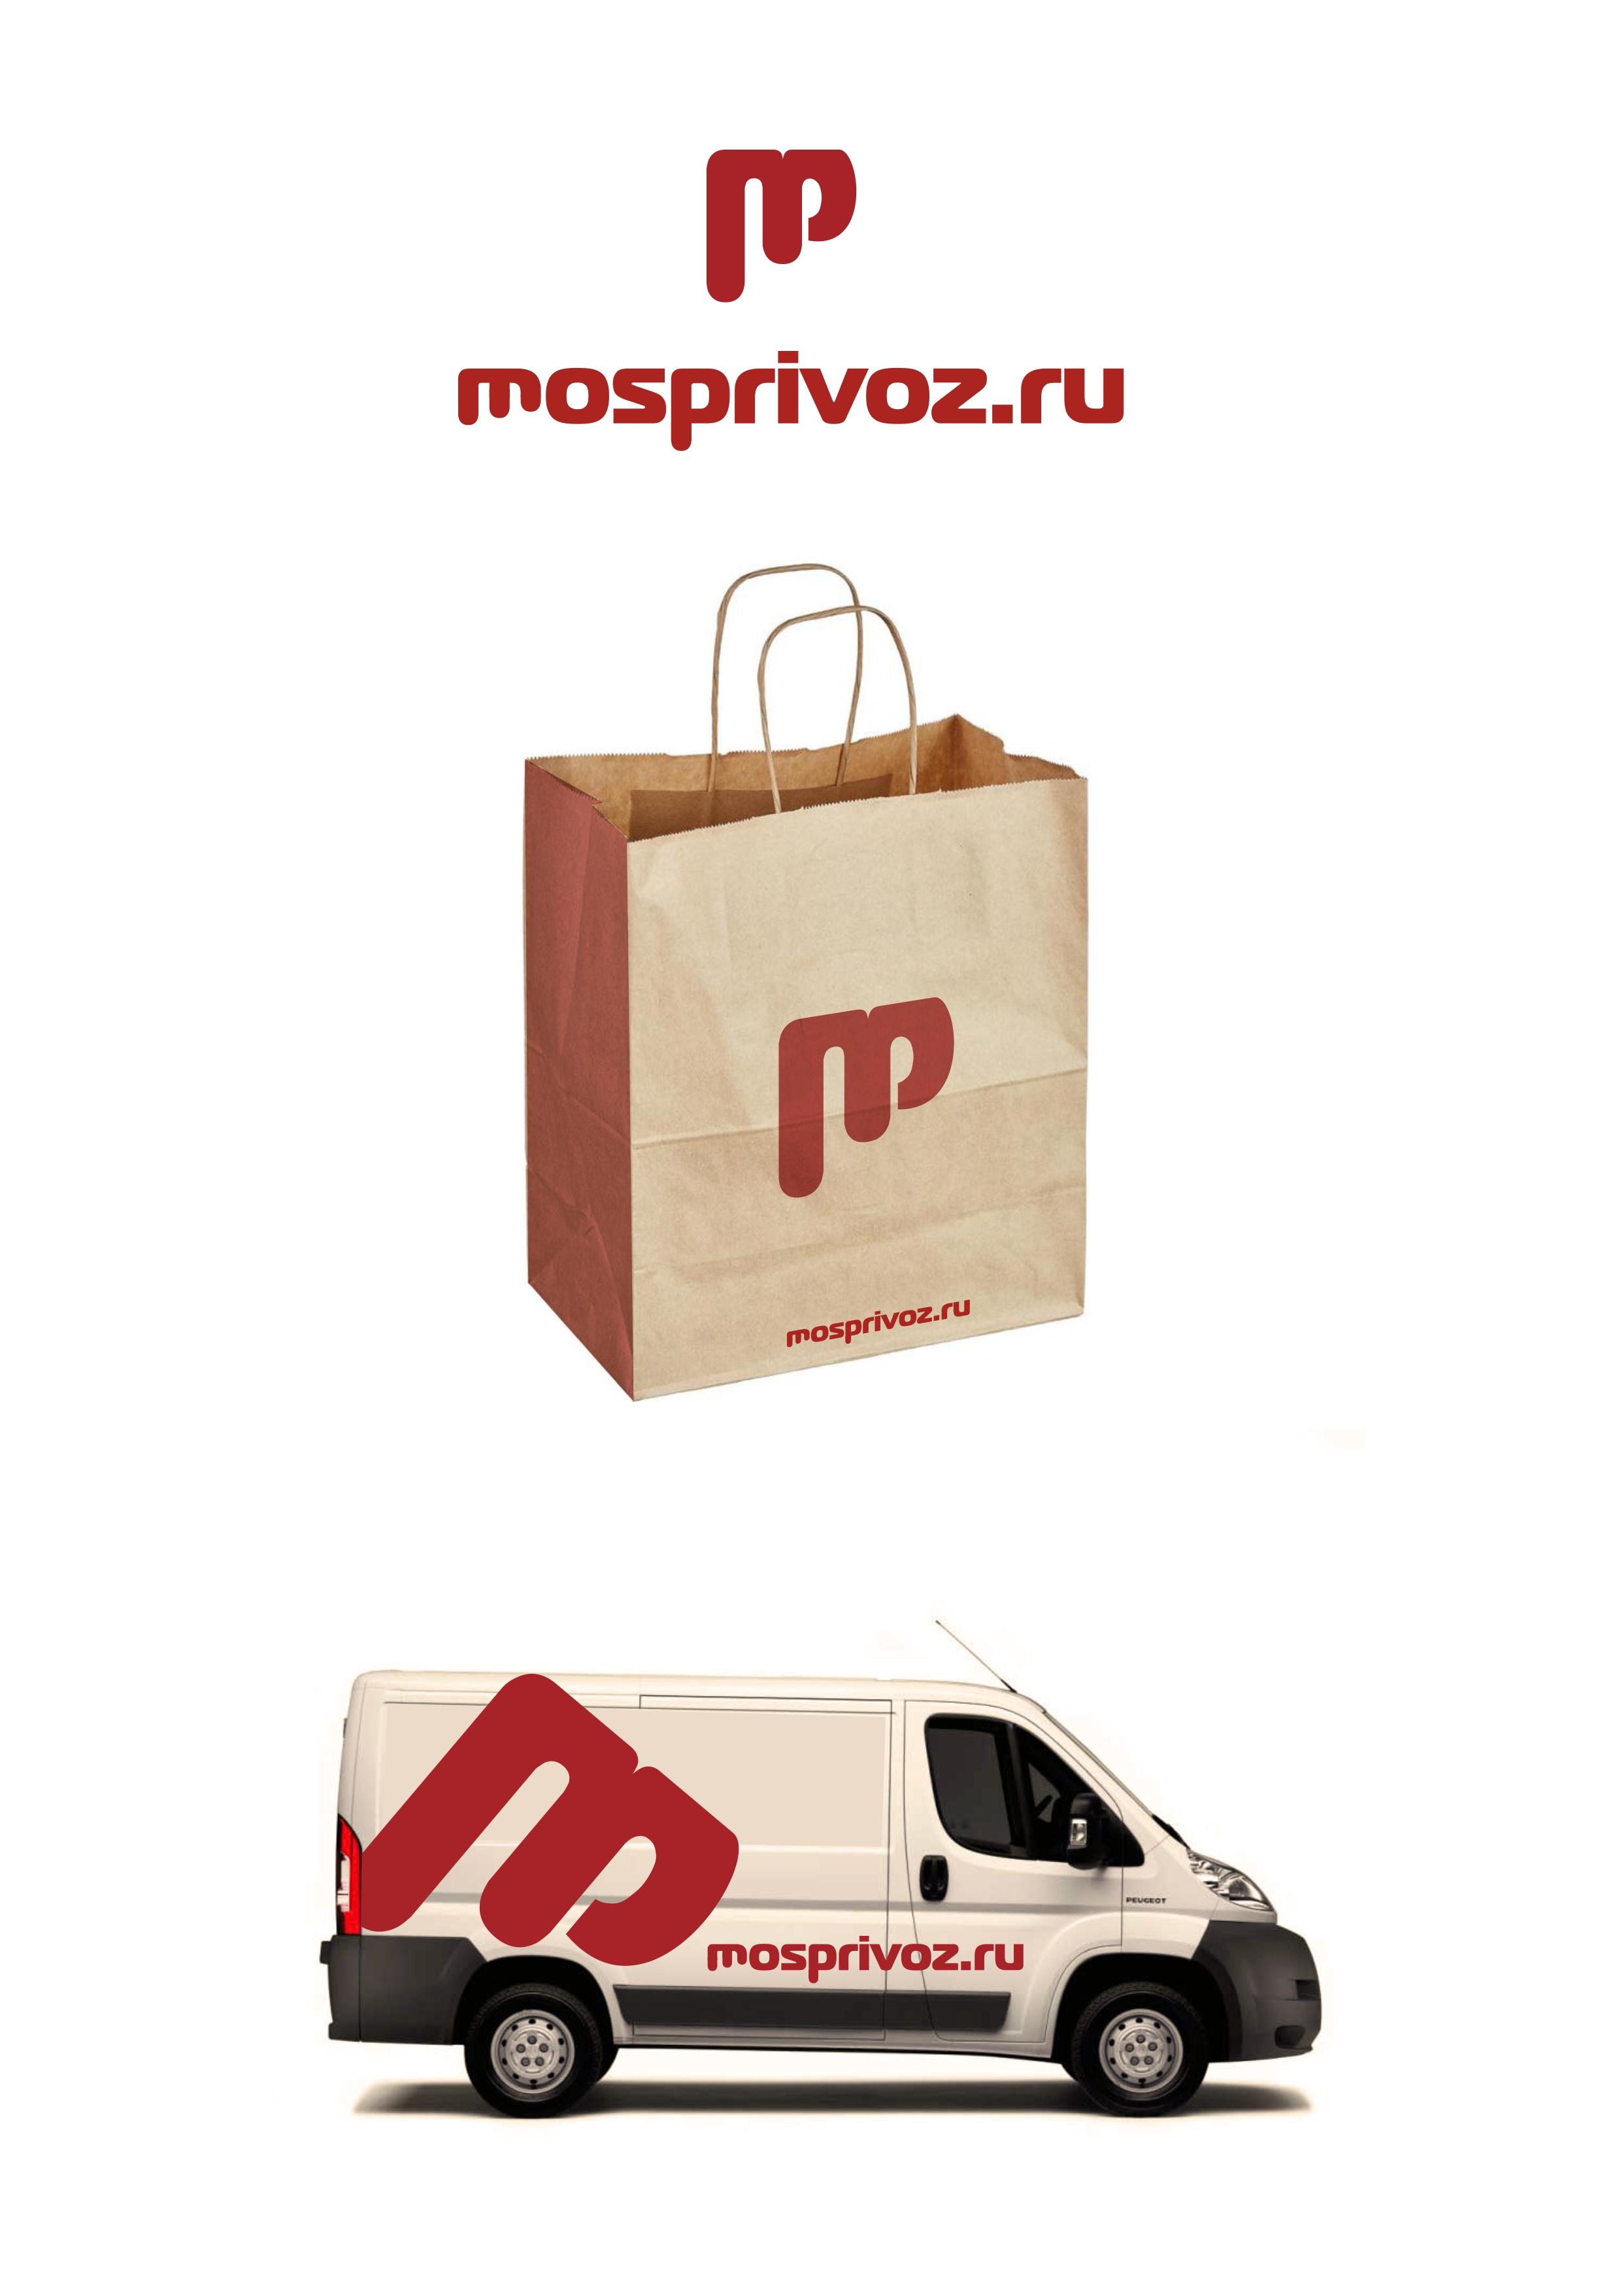 Логотип. Интернет - магазин по доставке продуктов питания. фото f_6565ad6e10164945.jpg